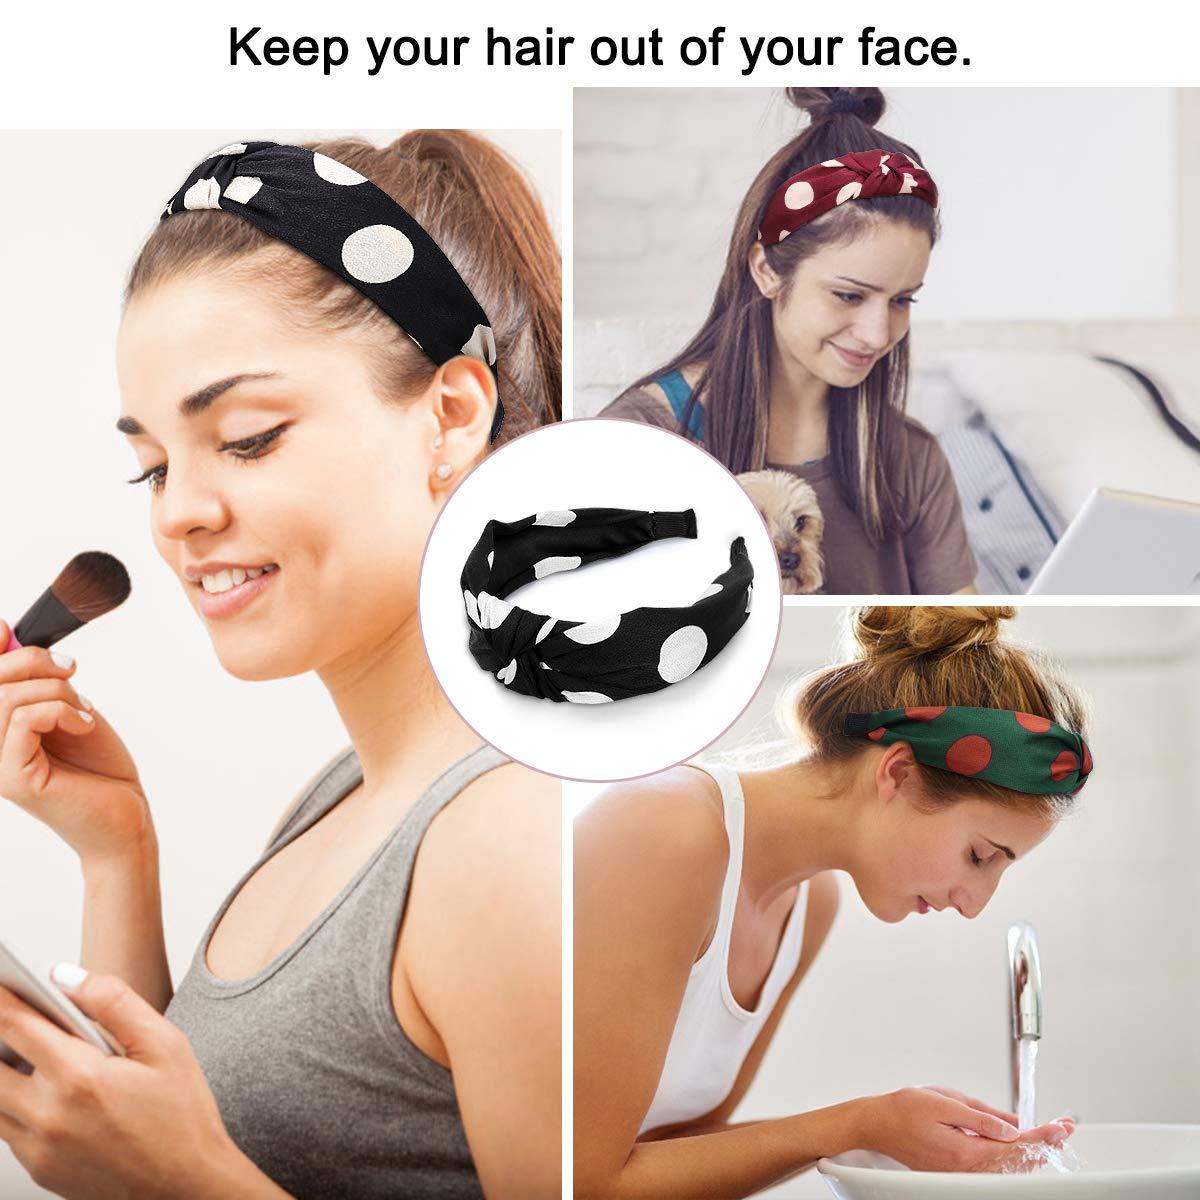 Boho Verdrehte Stirnb/änder Haarband Frauen Cross Elastische Hairband Blume Gedruckt Kopfband knoten Kopf Warp Yoga Sport Hair Accessories Damen Haarreifen